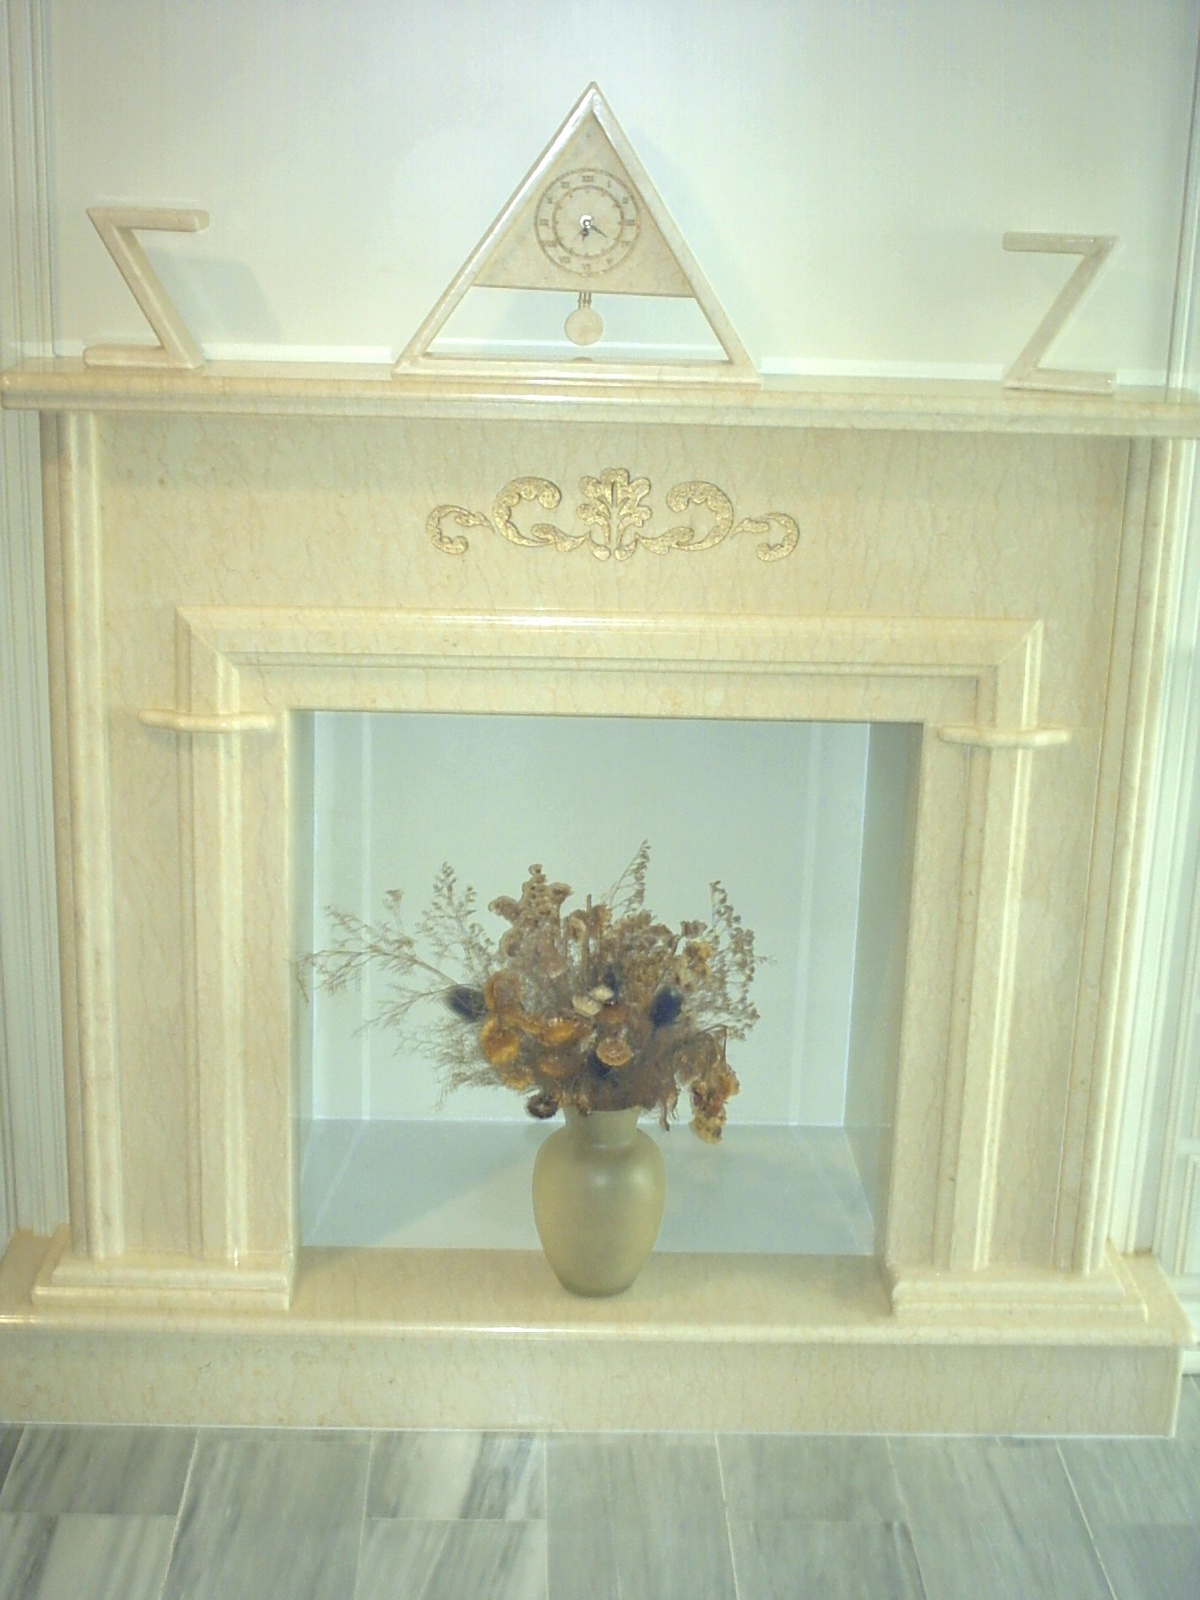 Hnos orellana c b chimenea en marmol silvia - Molduras de marmol ...